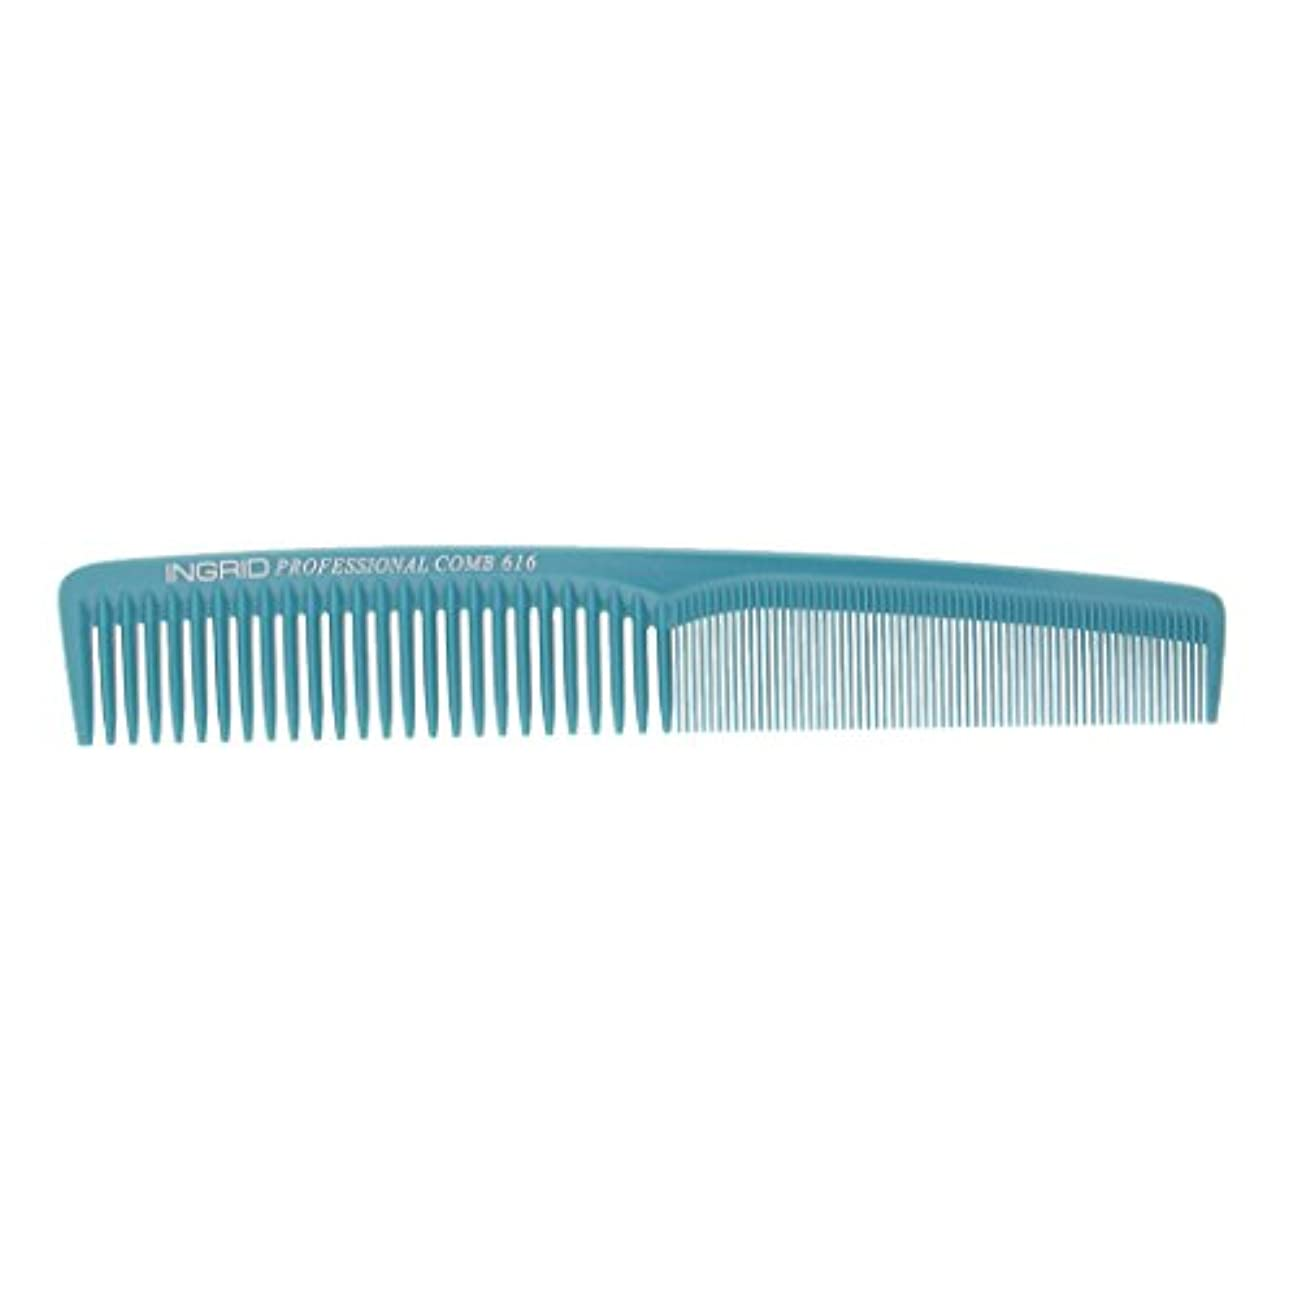 精神キャラクター血色の良いFutuHome ファッショナブルなヘアカット理髪師美容院プラスチック製の櫛 - ライトブルー